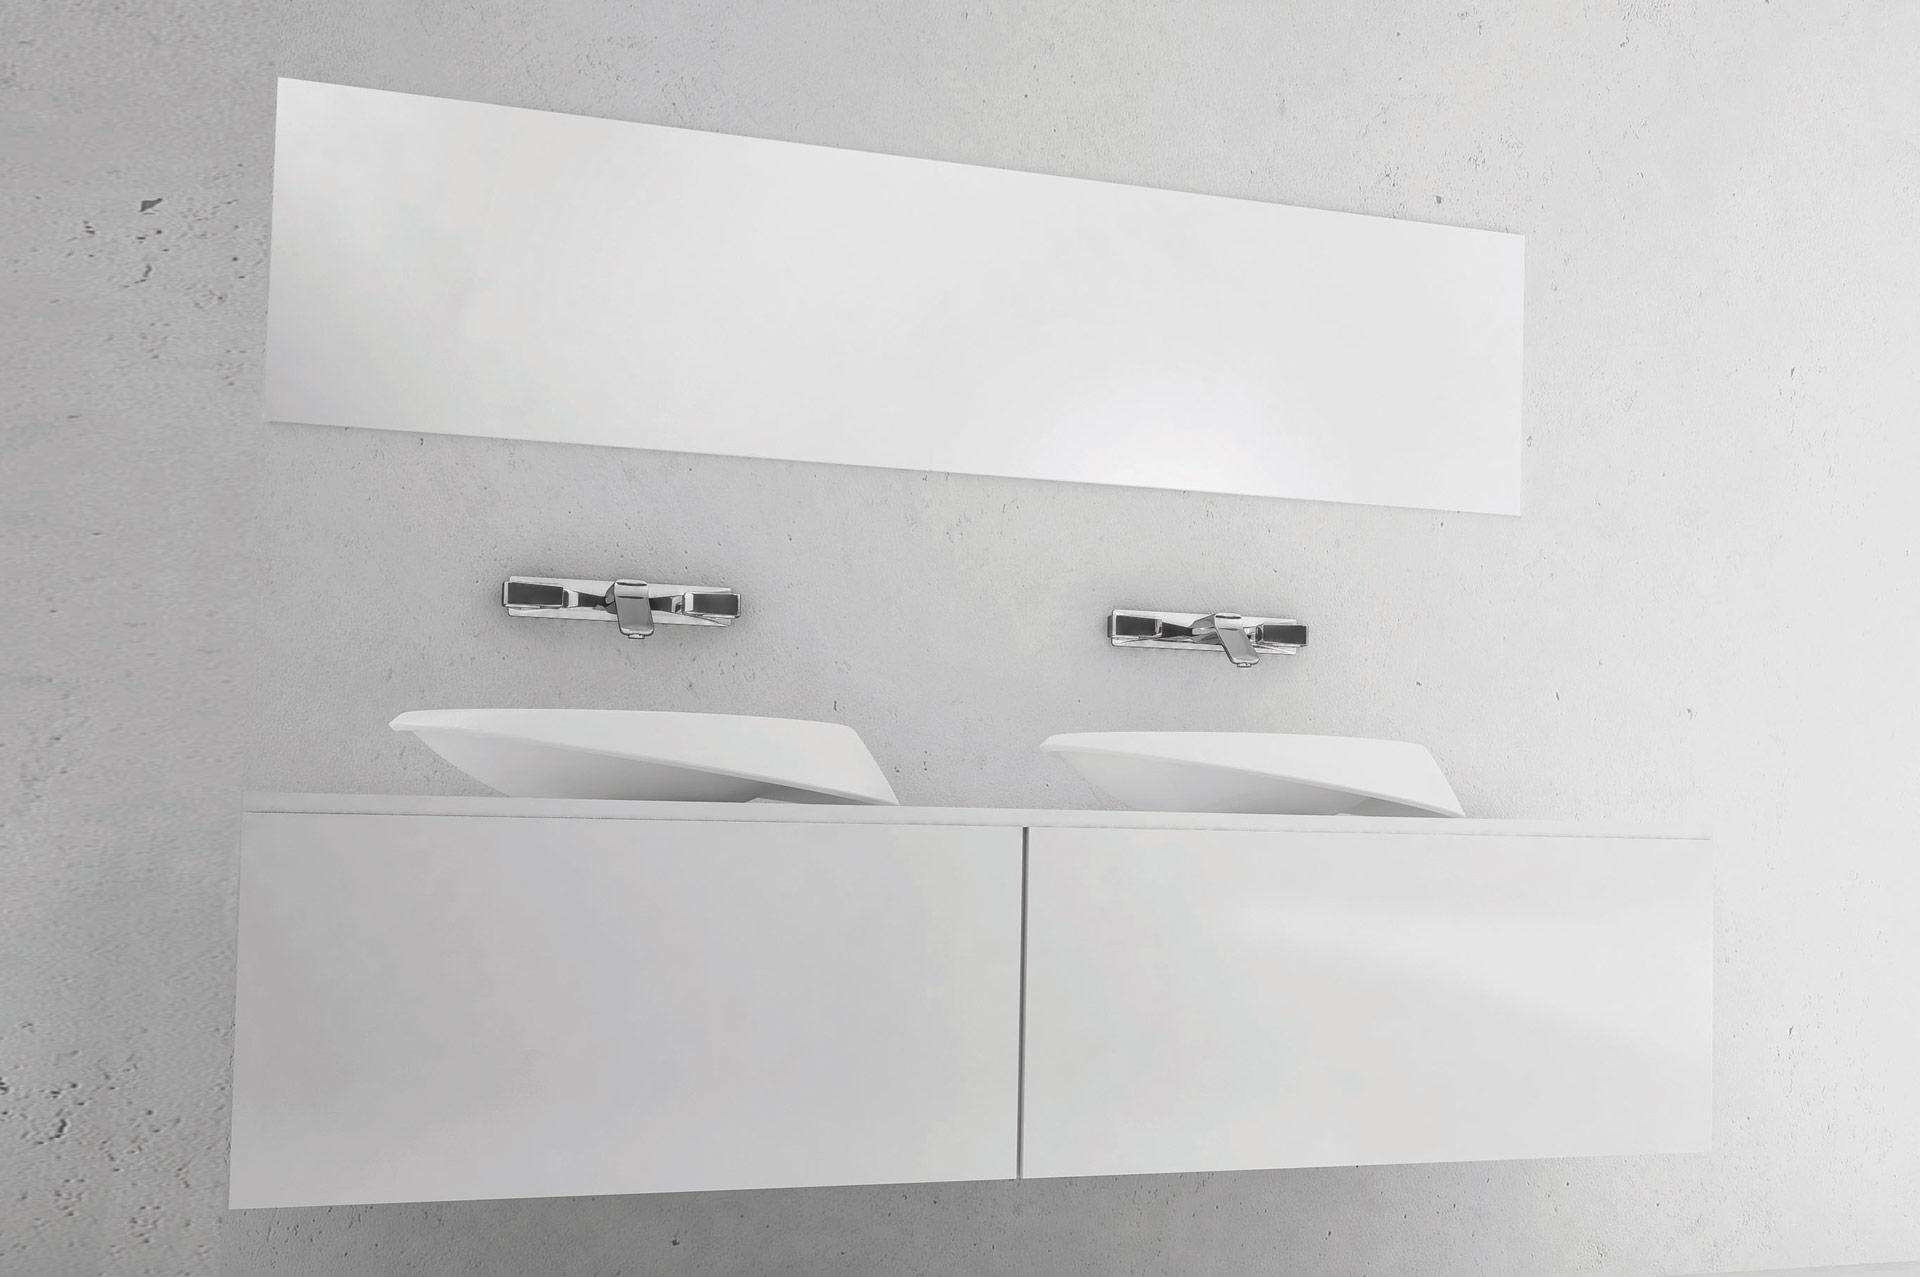 waschbecken design keramik waschschale aufsatz waschbecken waschtisch waschplatz brssel with. Black Bedroom Furniture Sets. Home Design Ideas